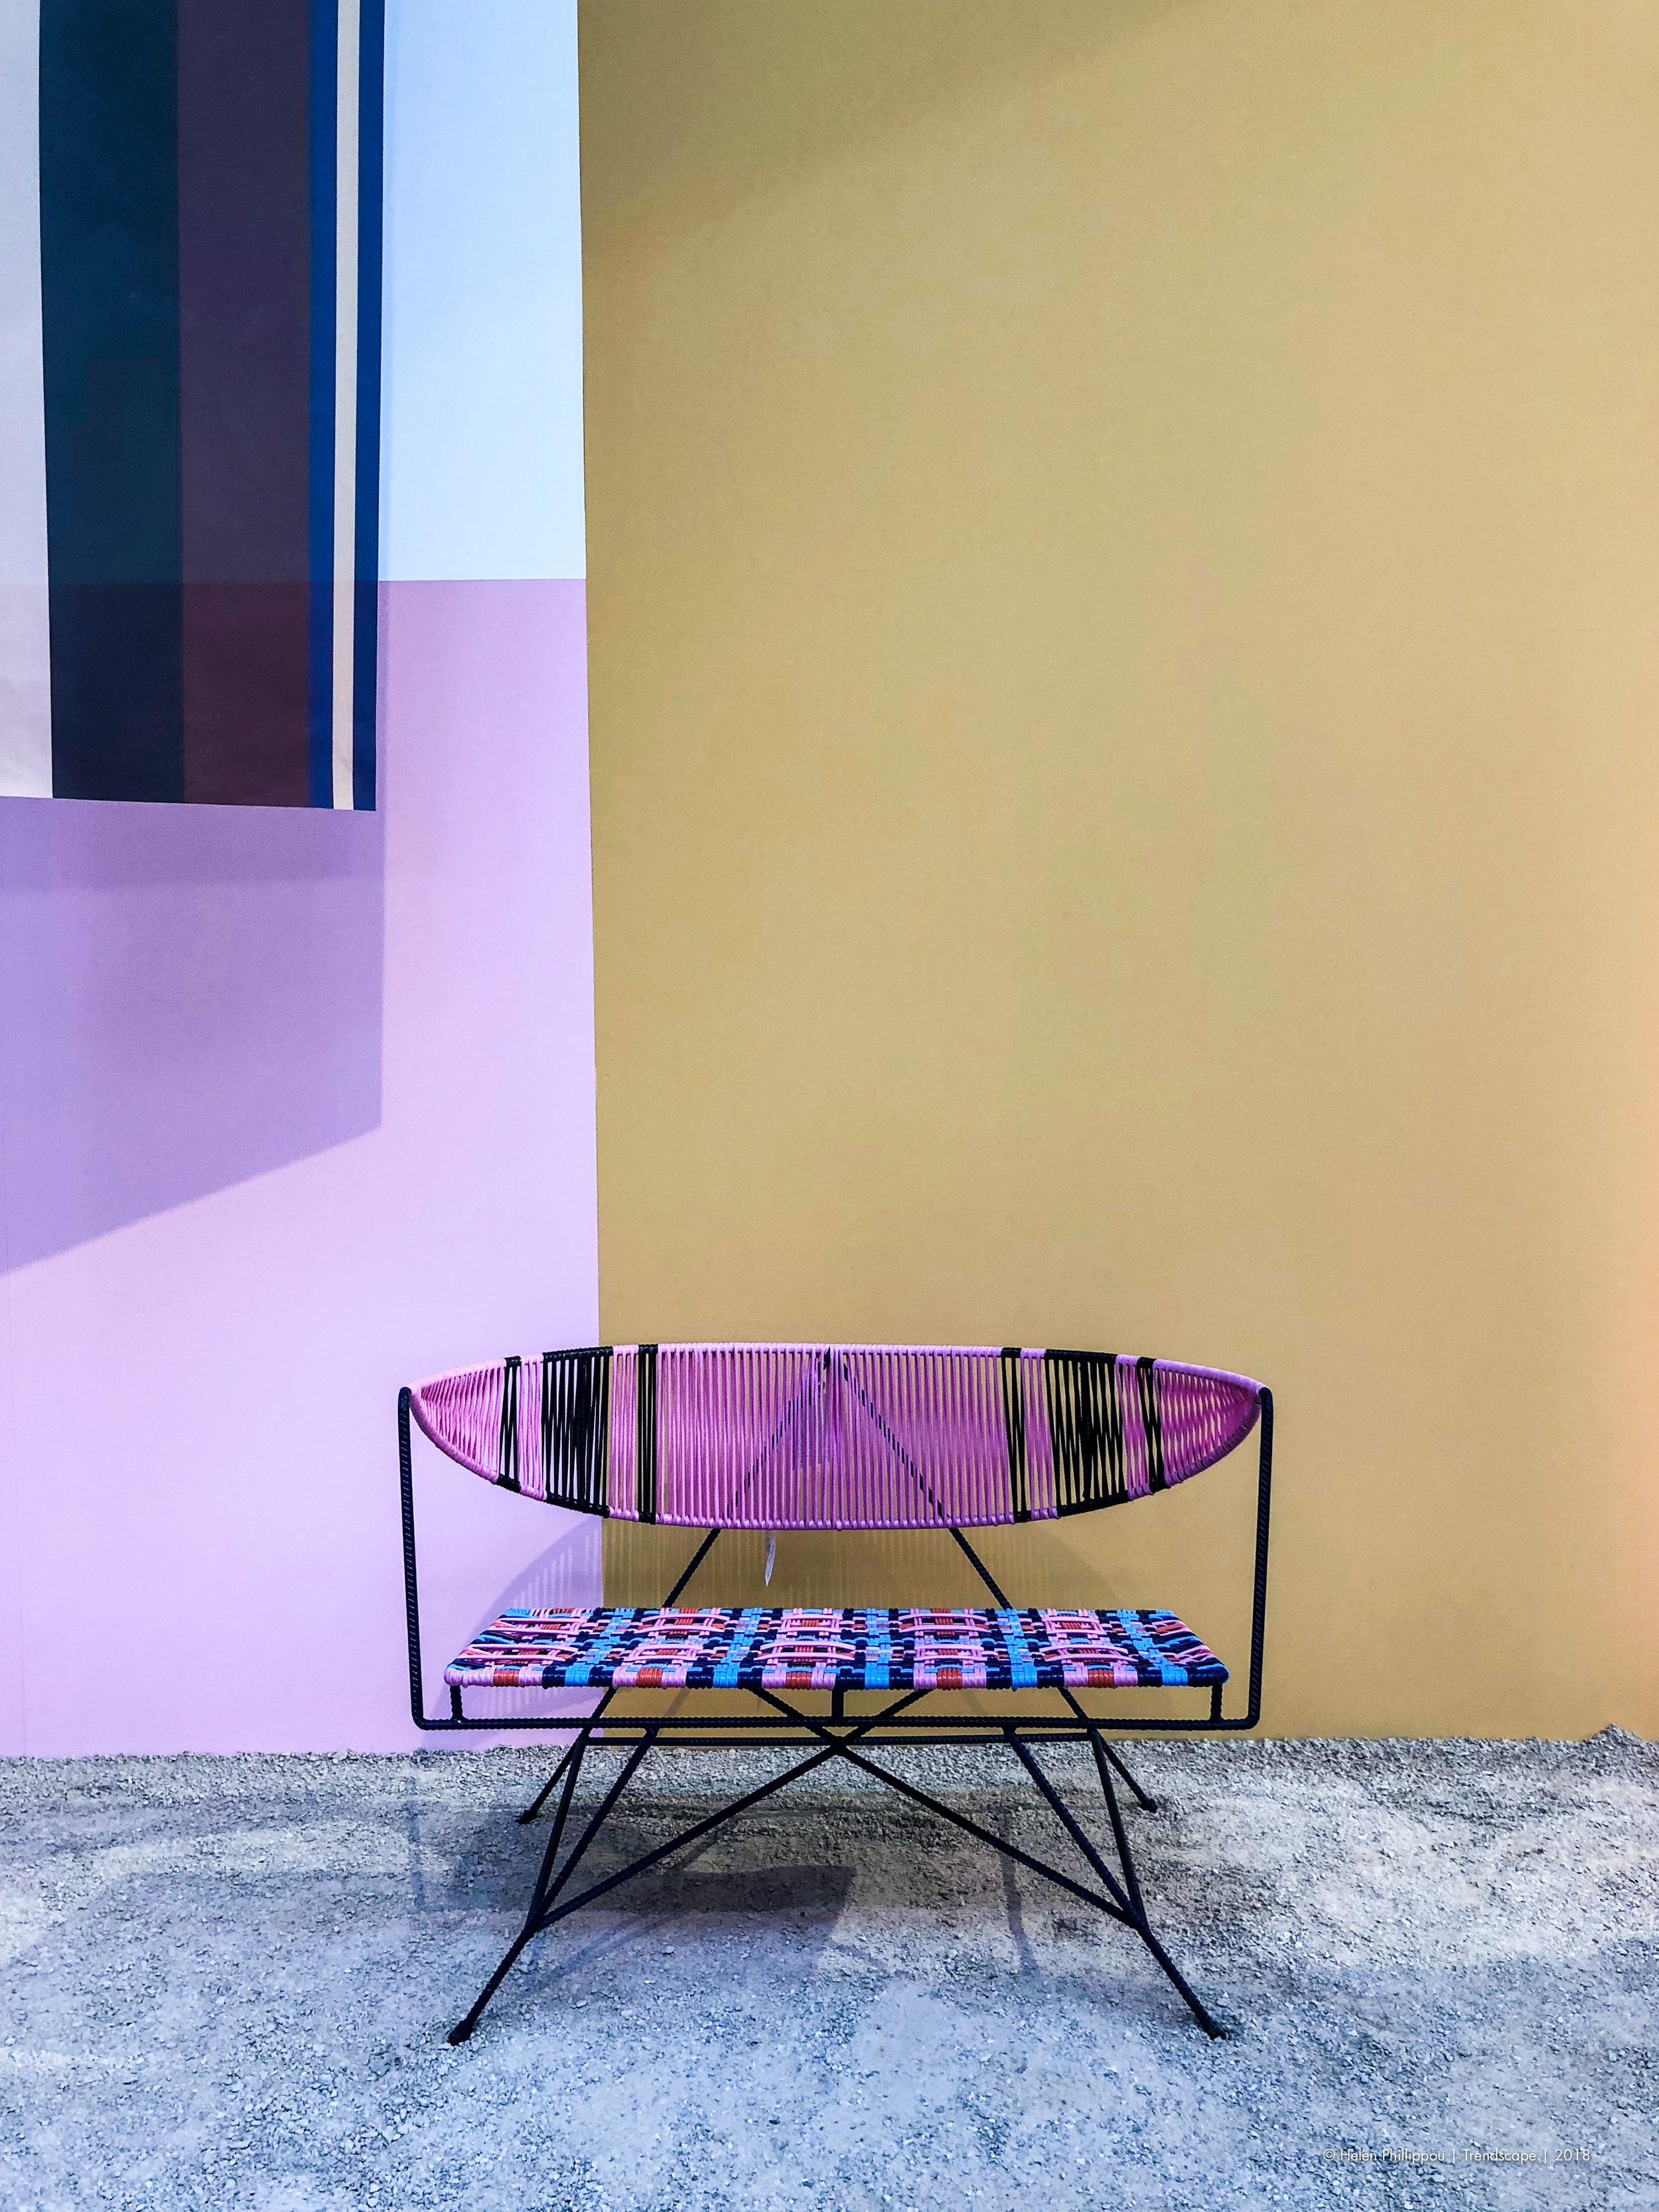 Marni Milan Design Week 2018 5.jpg